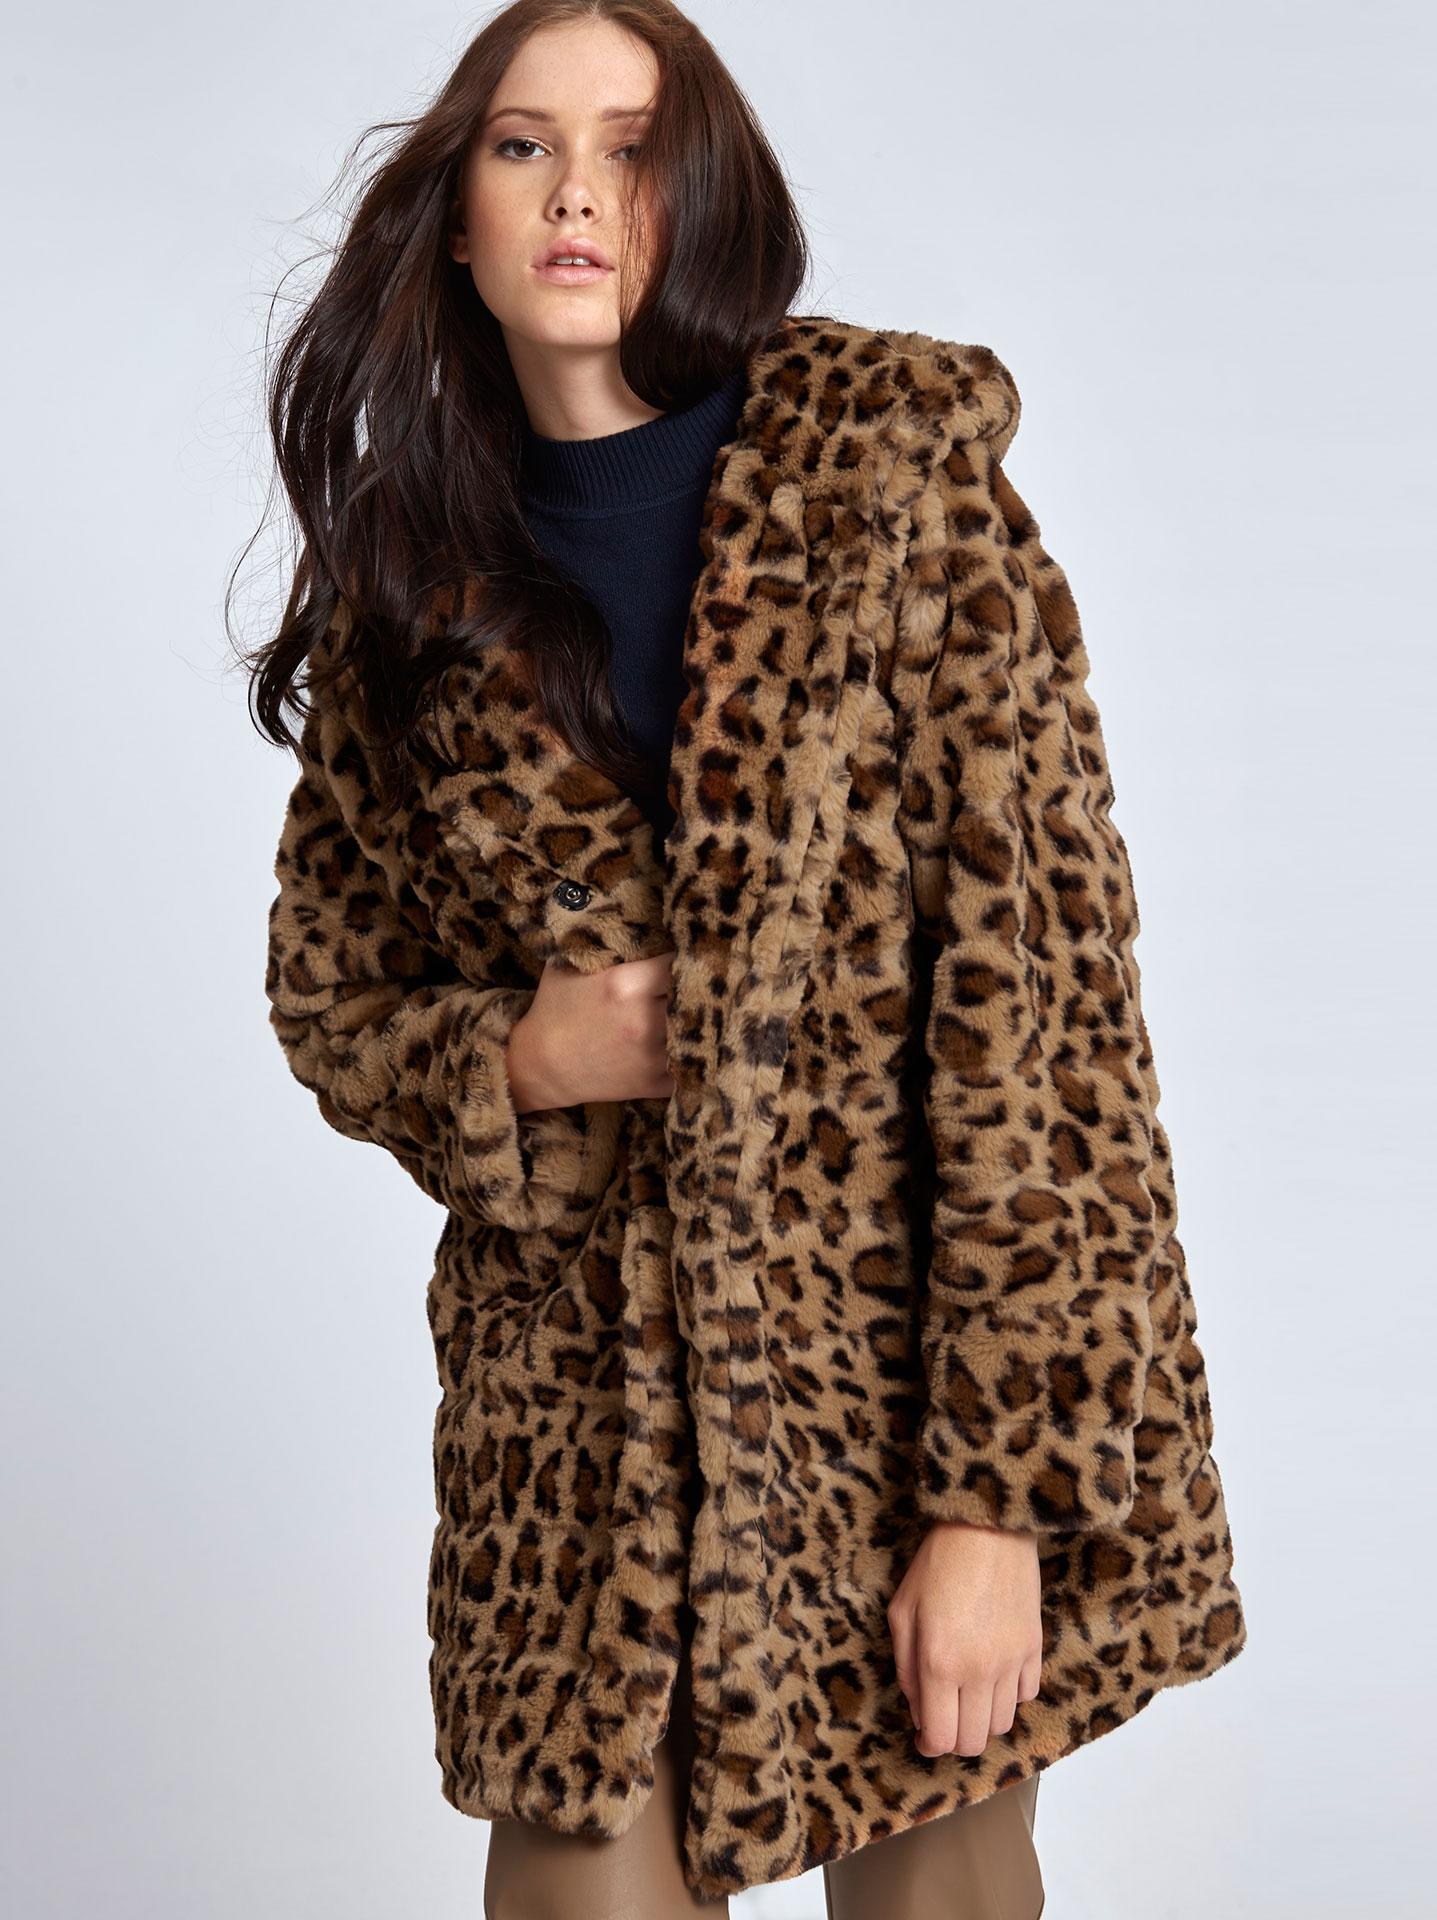 Λεοπάρ γούνινο παλτό σε καφε ανοιχτο 6e432365627